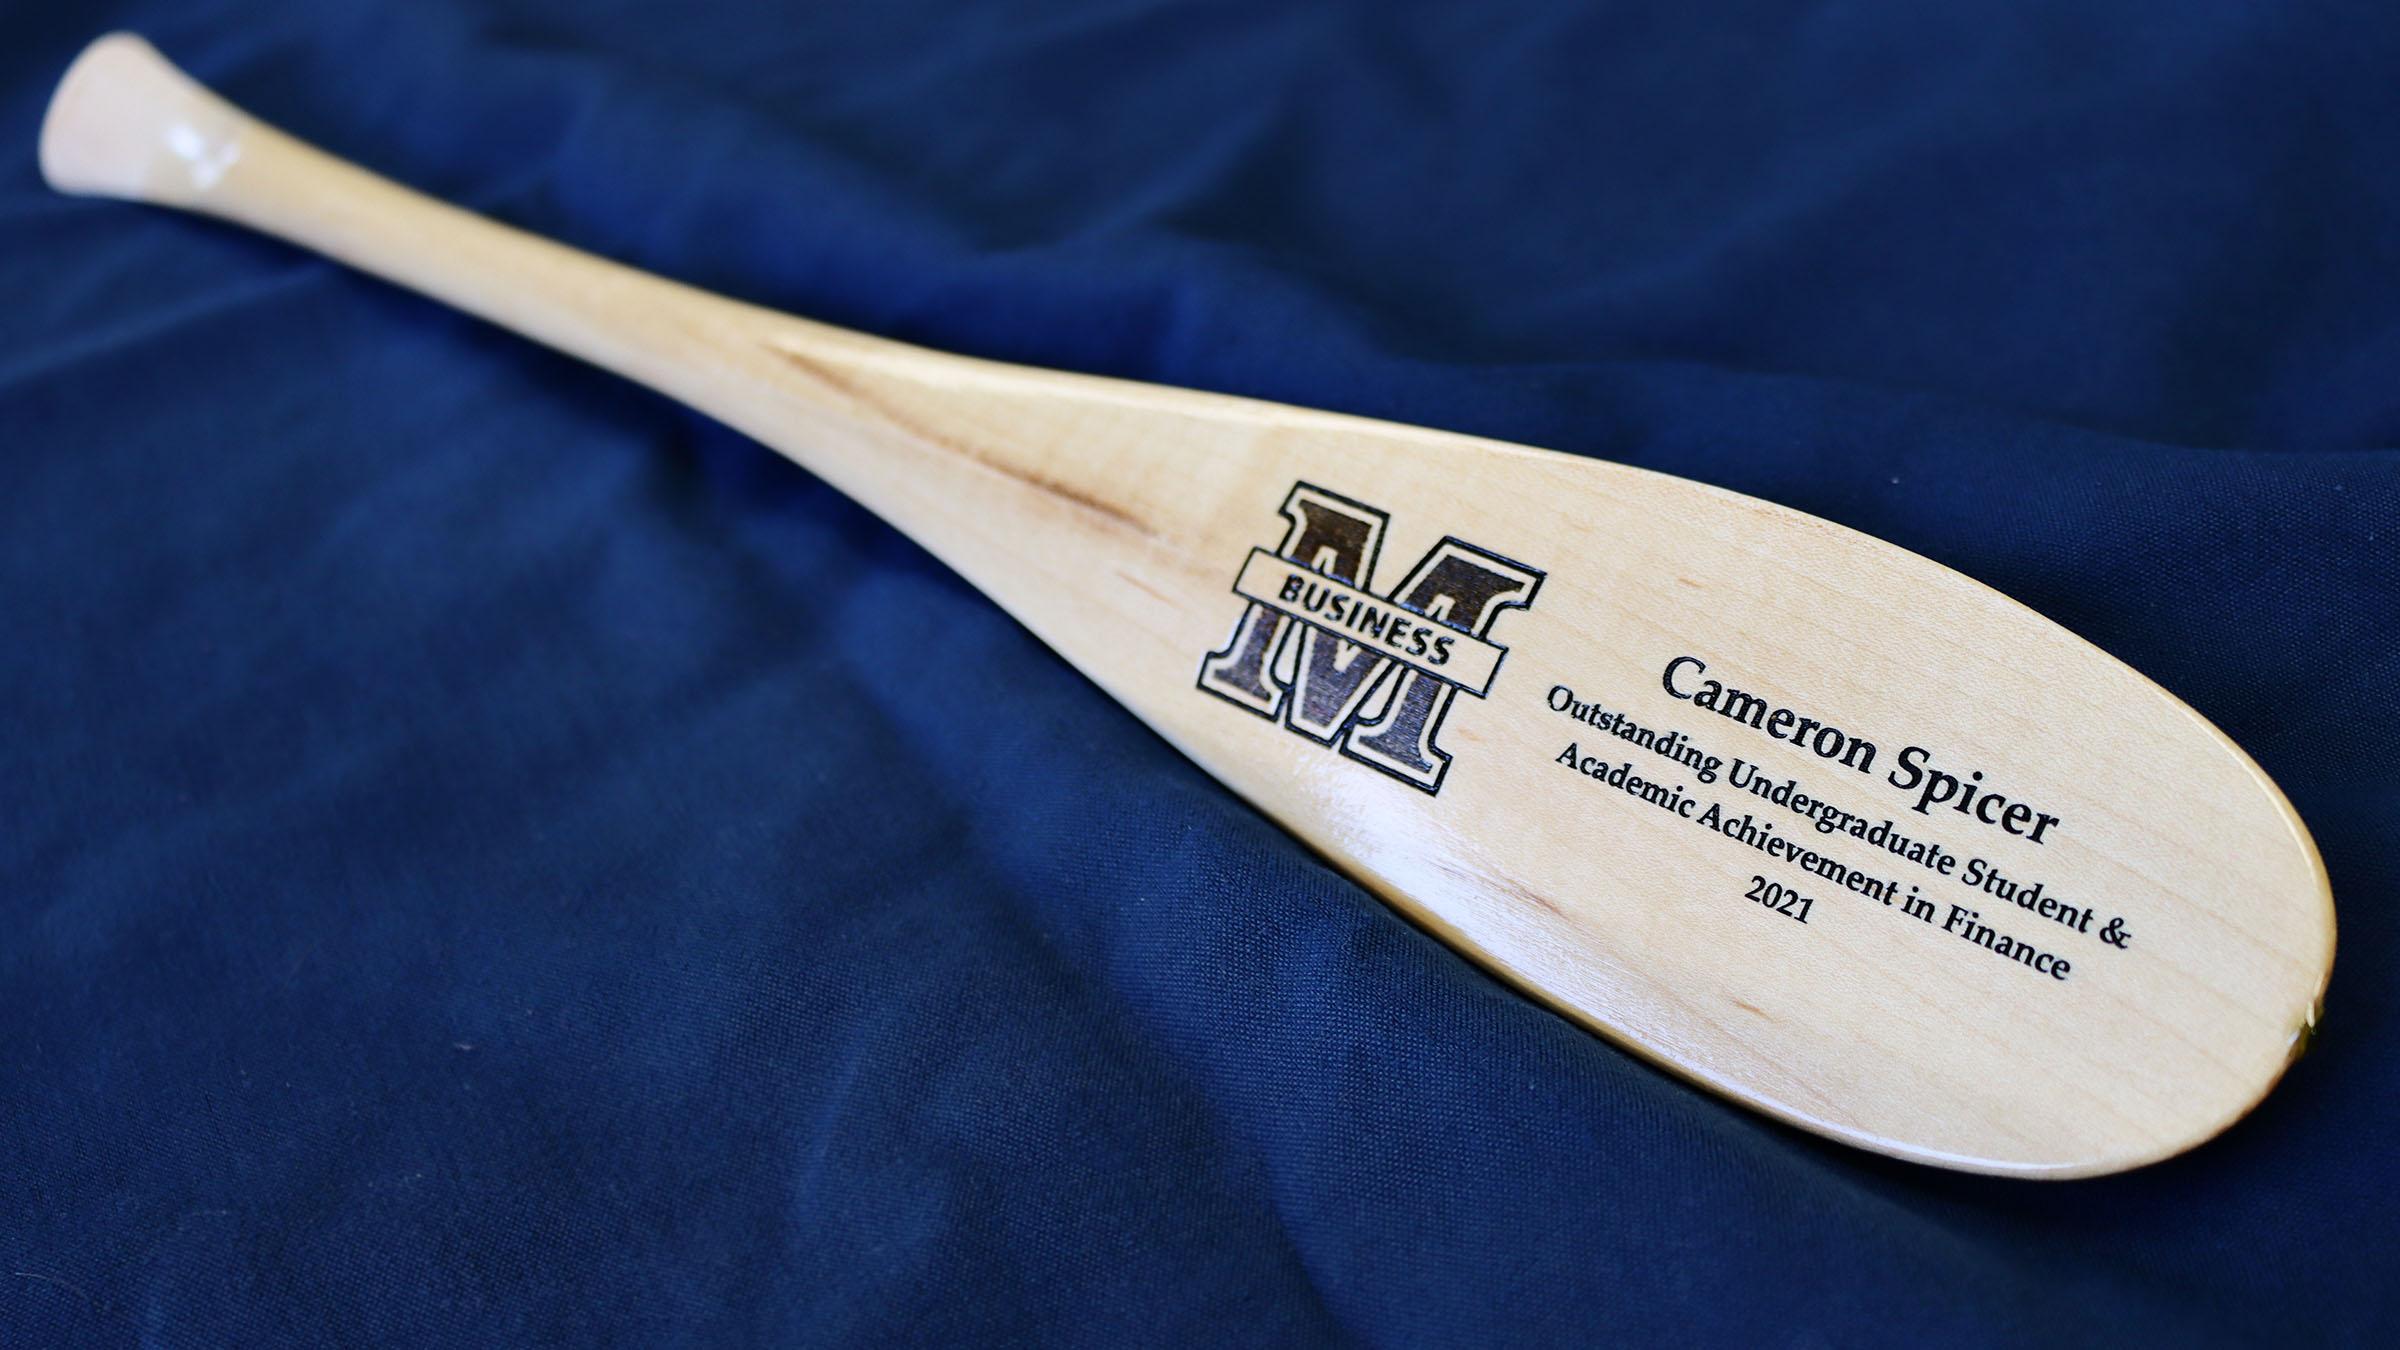 Award paddle